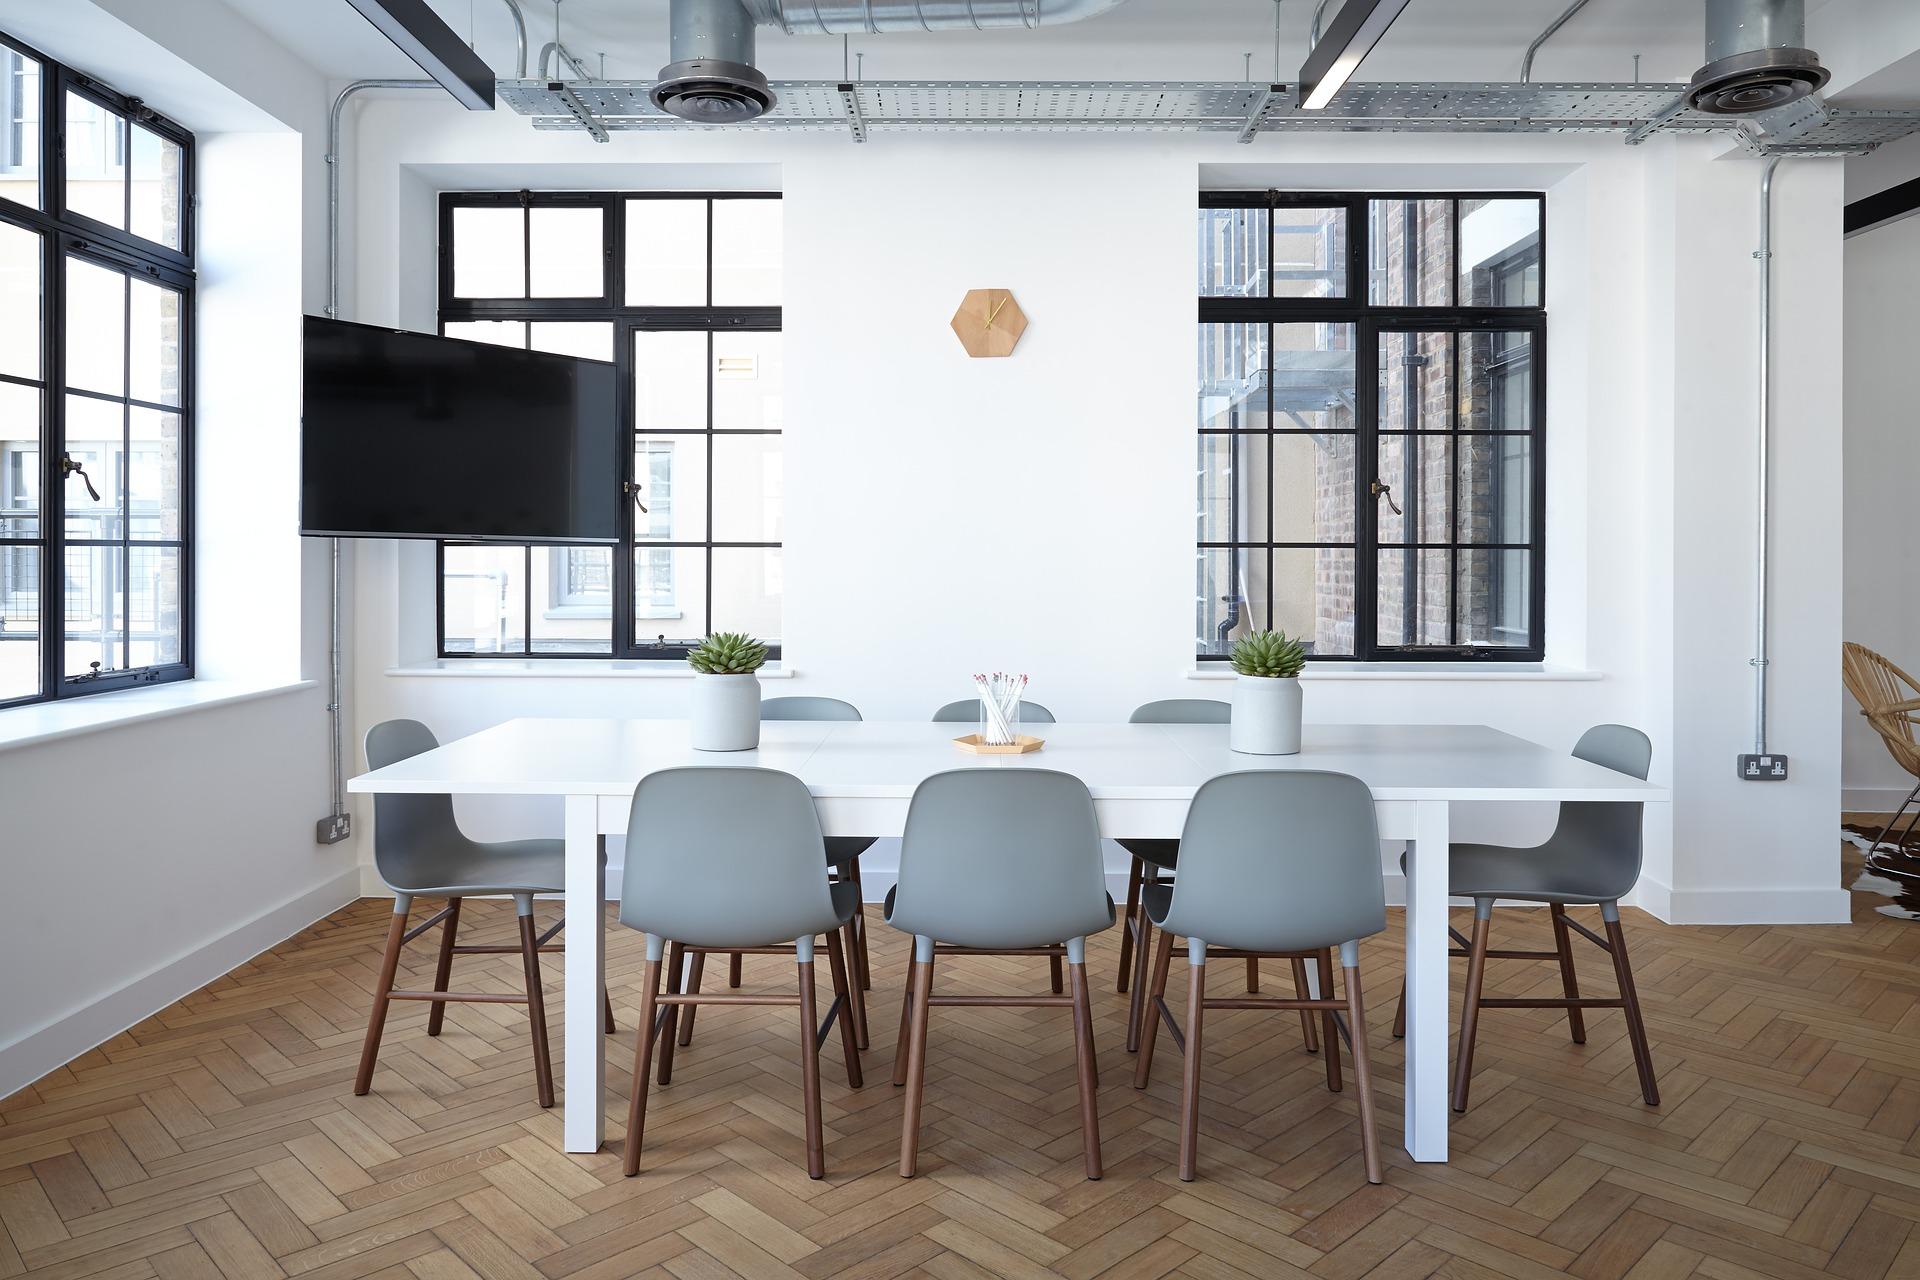 imagen de una oficina moderna y monocromatica